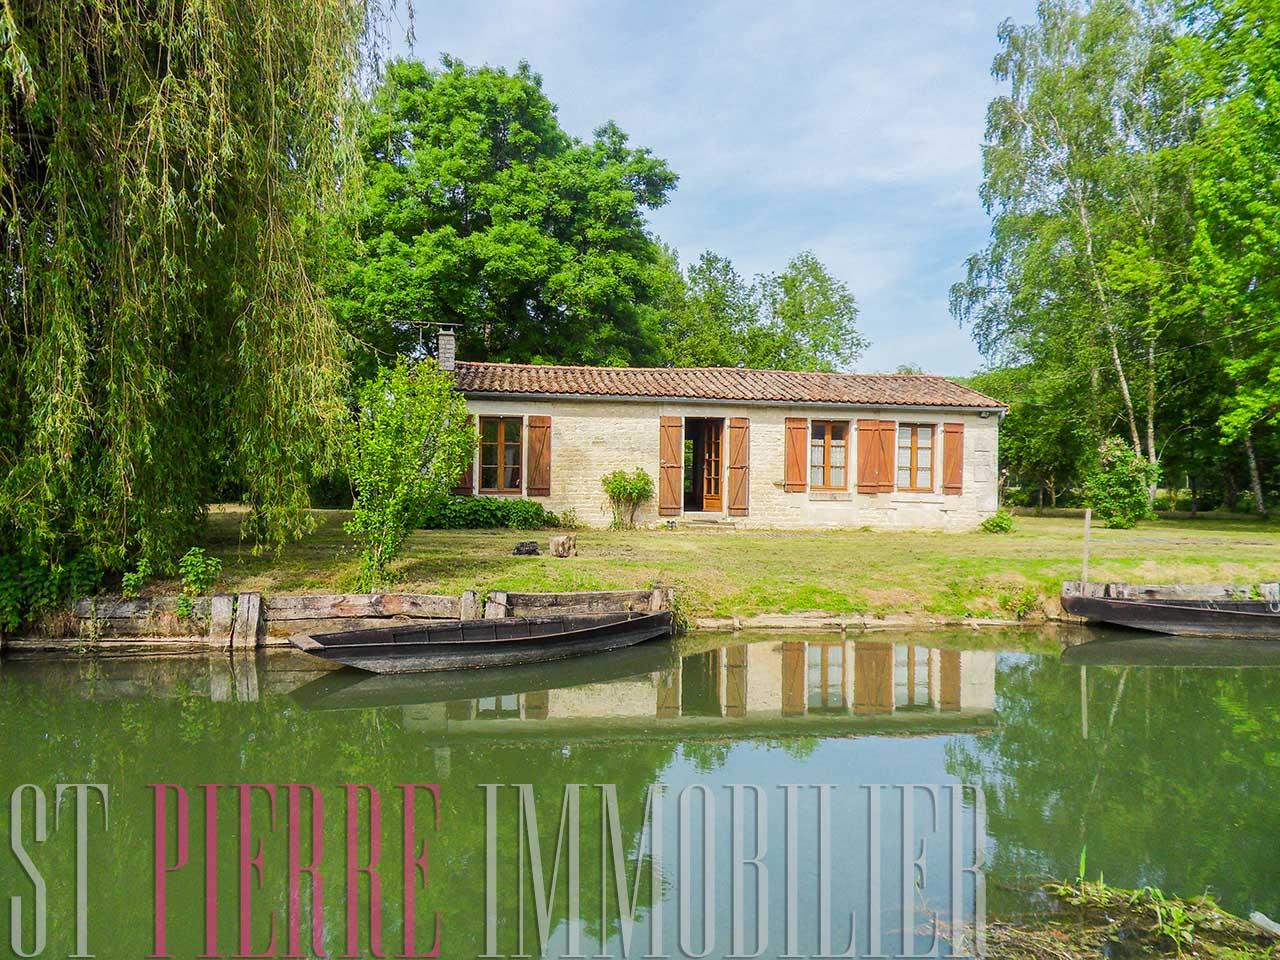 Vente maison au bord de l 39 eau coulon marais poitevin for Chambre d hotes coulon marais poitevin